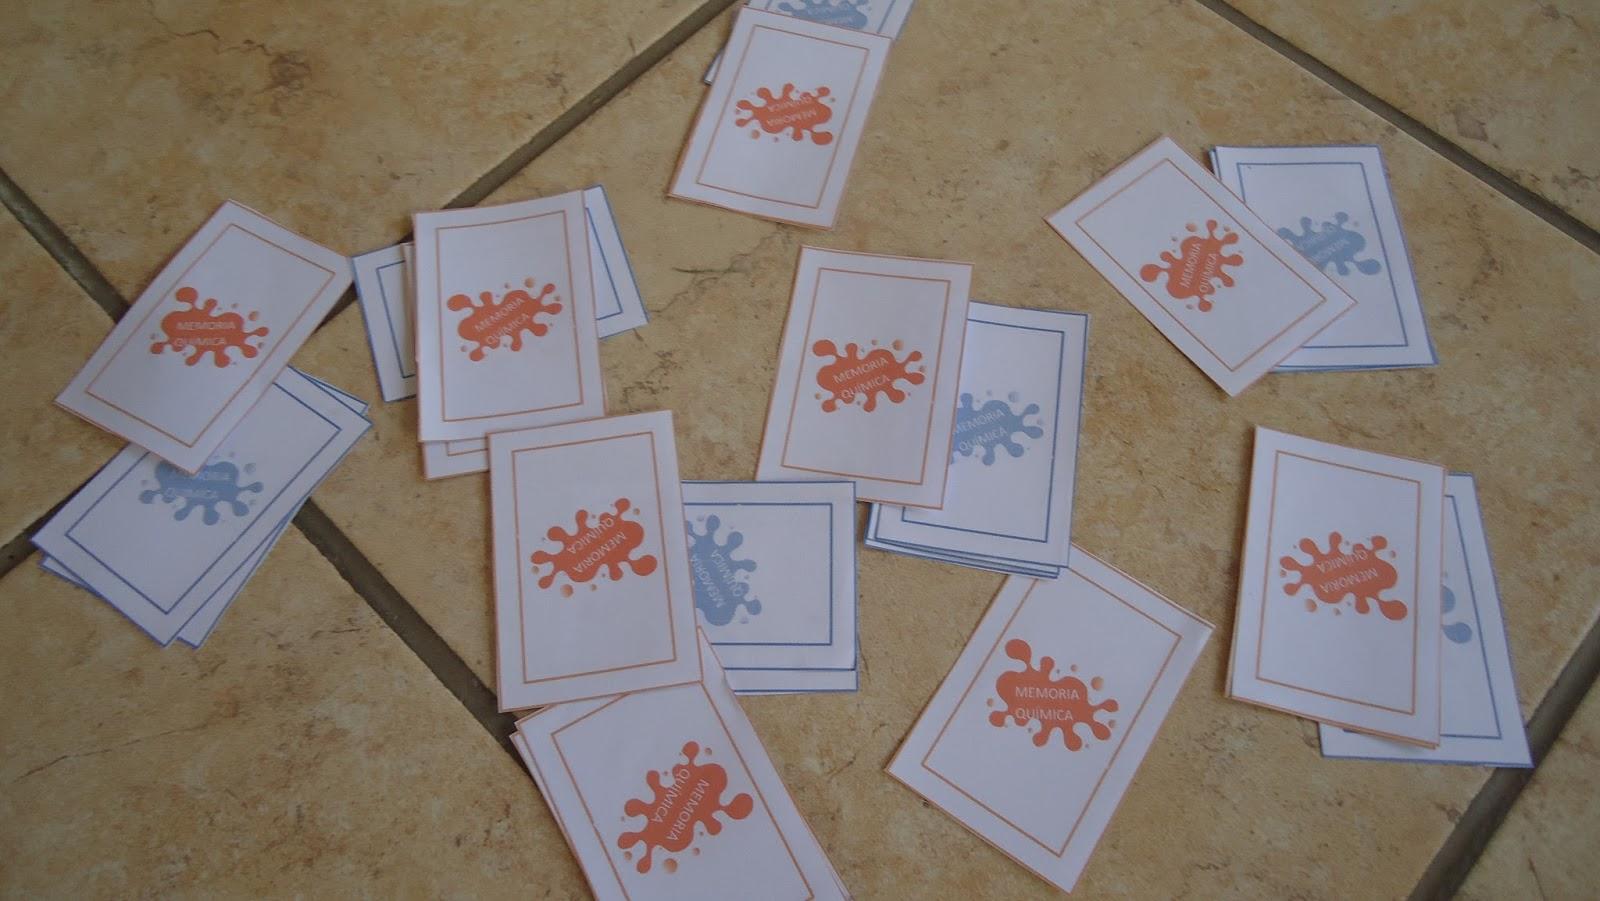 Memoria qumica juego memoria qumica buena herramienta para introducir a los estudiantes en el aprendizaje de los elementos qumicos existentes y ordenados en la tabla peridica este juego urtaz Image collections